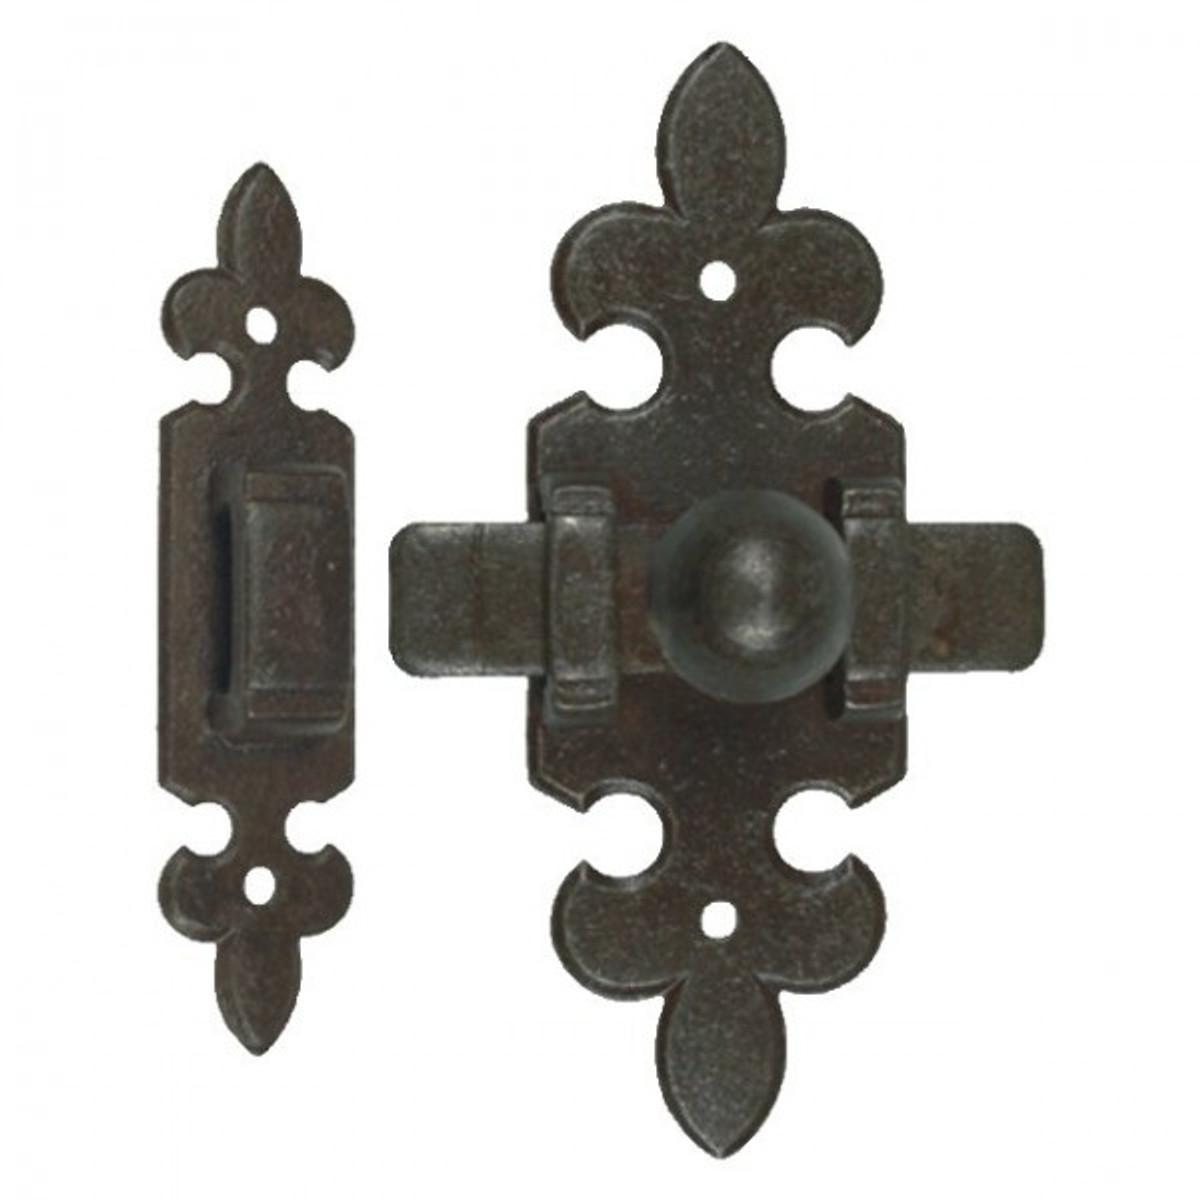 Riegel Eisen Garnitur Eisen antik für Haustür Tür und Tor handgeschmiedet brüniert rustikal 2-teilig